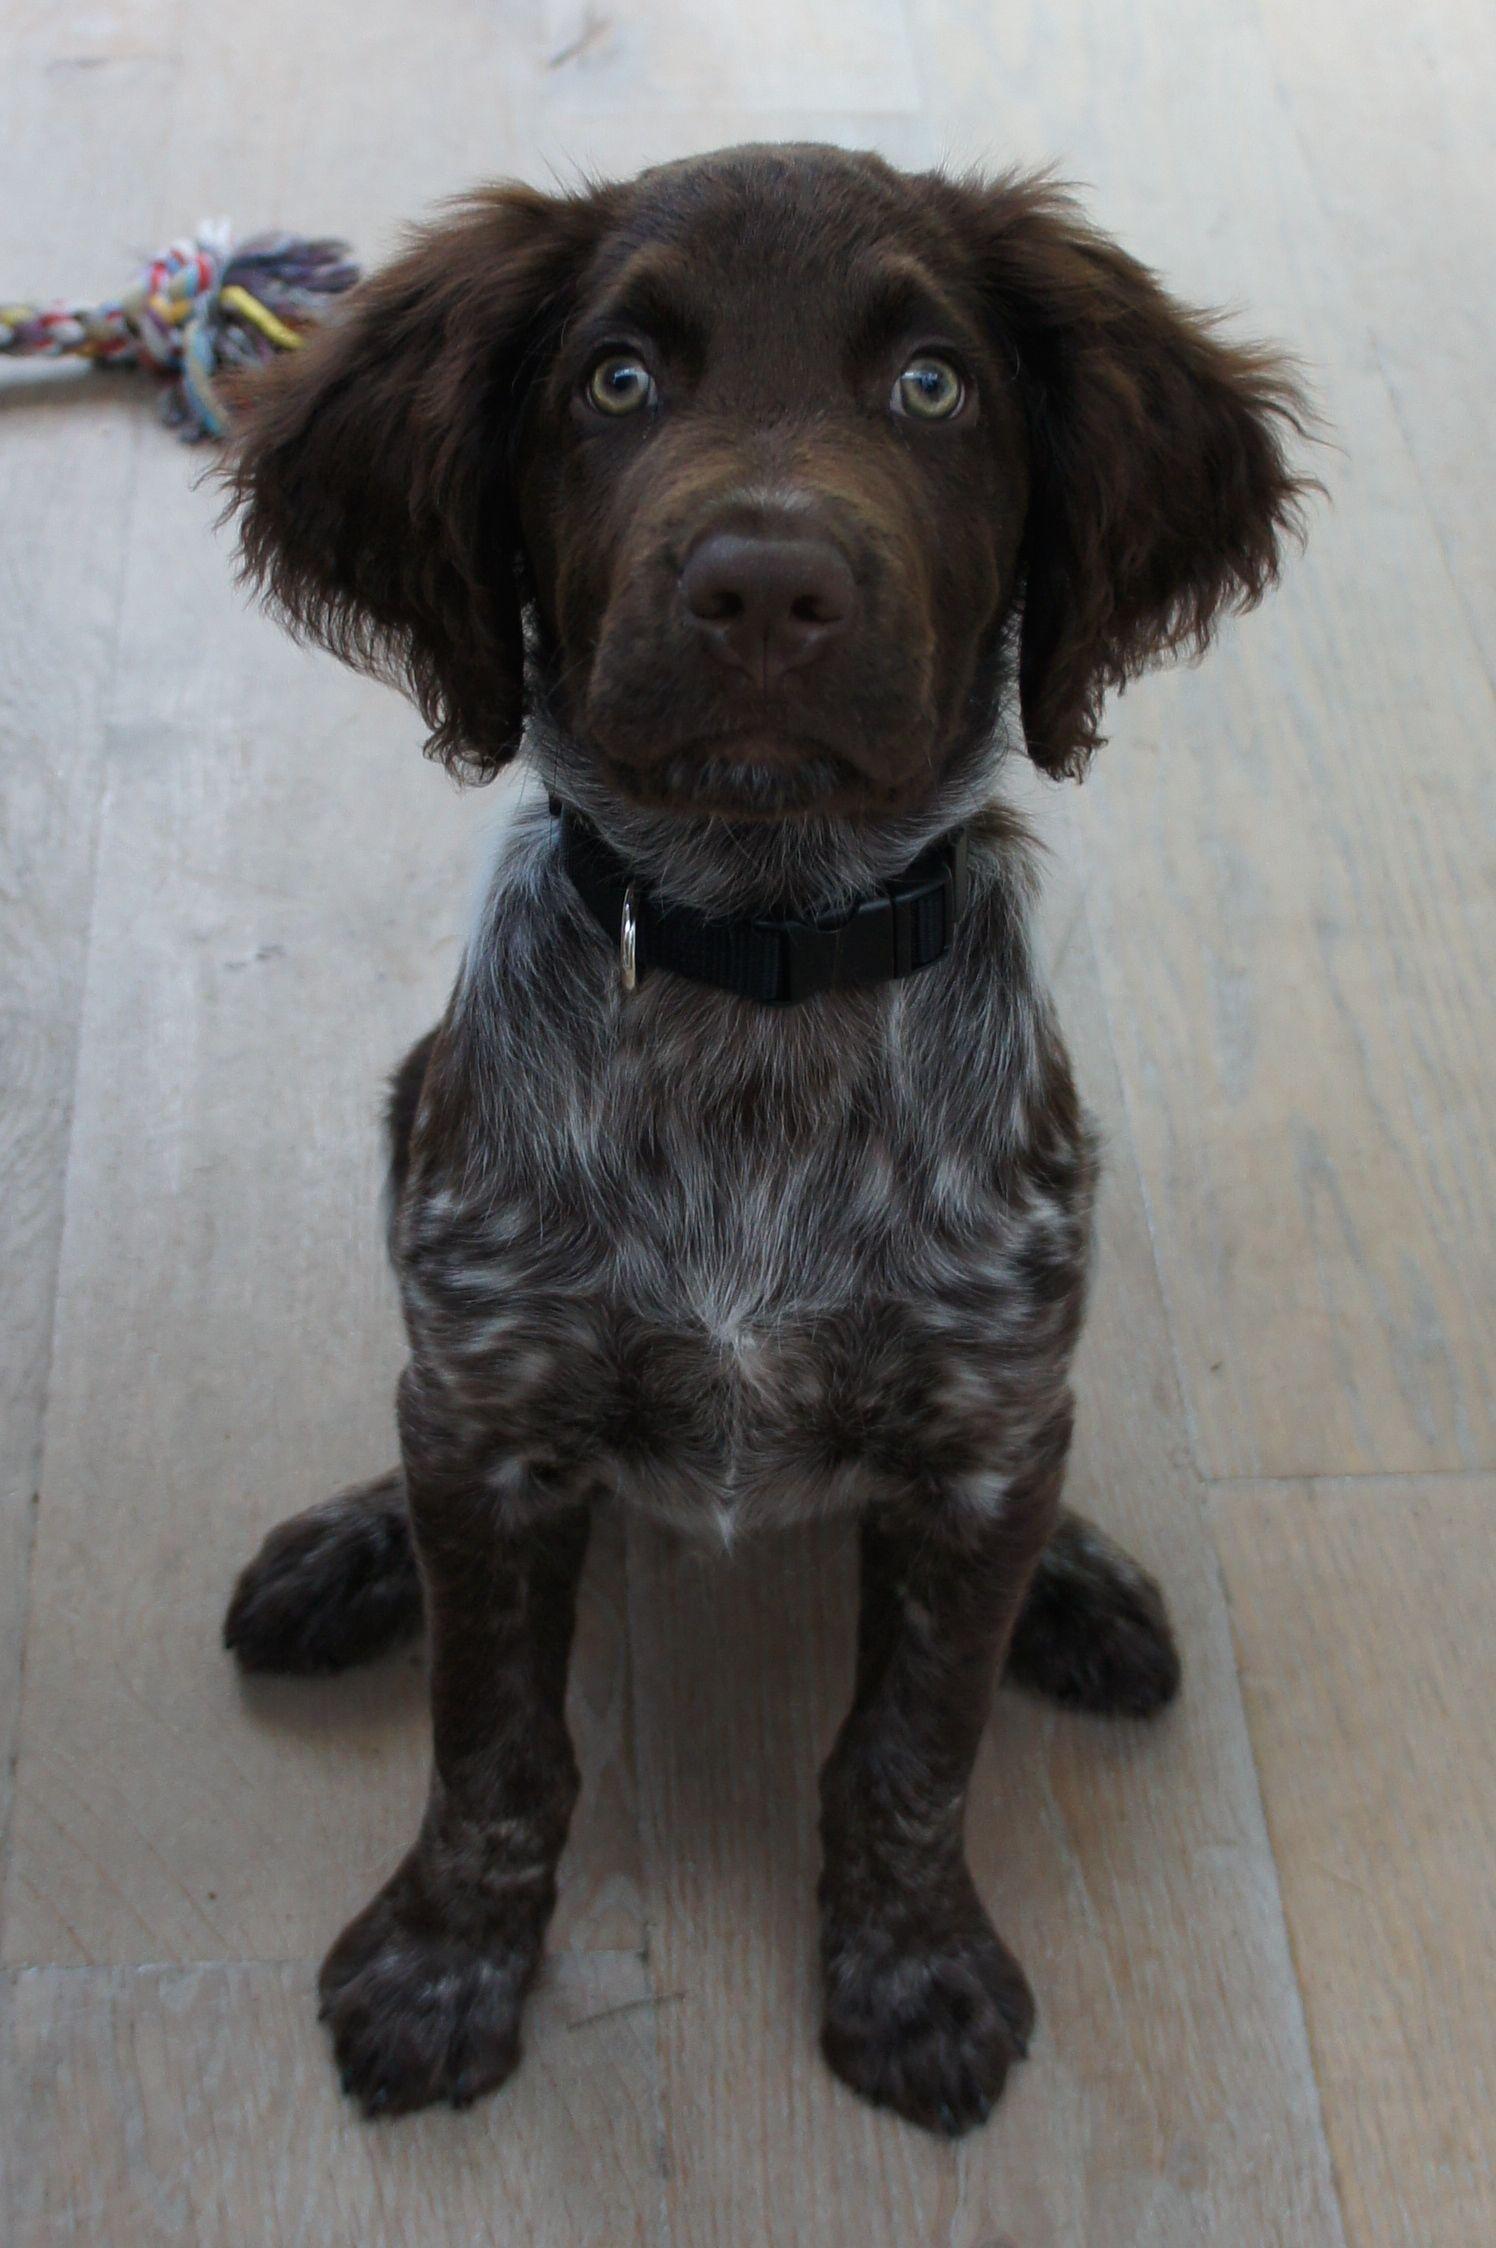 Noa Heidewachtel Okisgoeddoei Small Munsterlander Or Heidewachtel From Deutschland Cute Dogs Beautiful Dogs Dogs